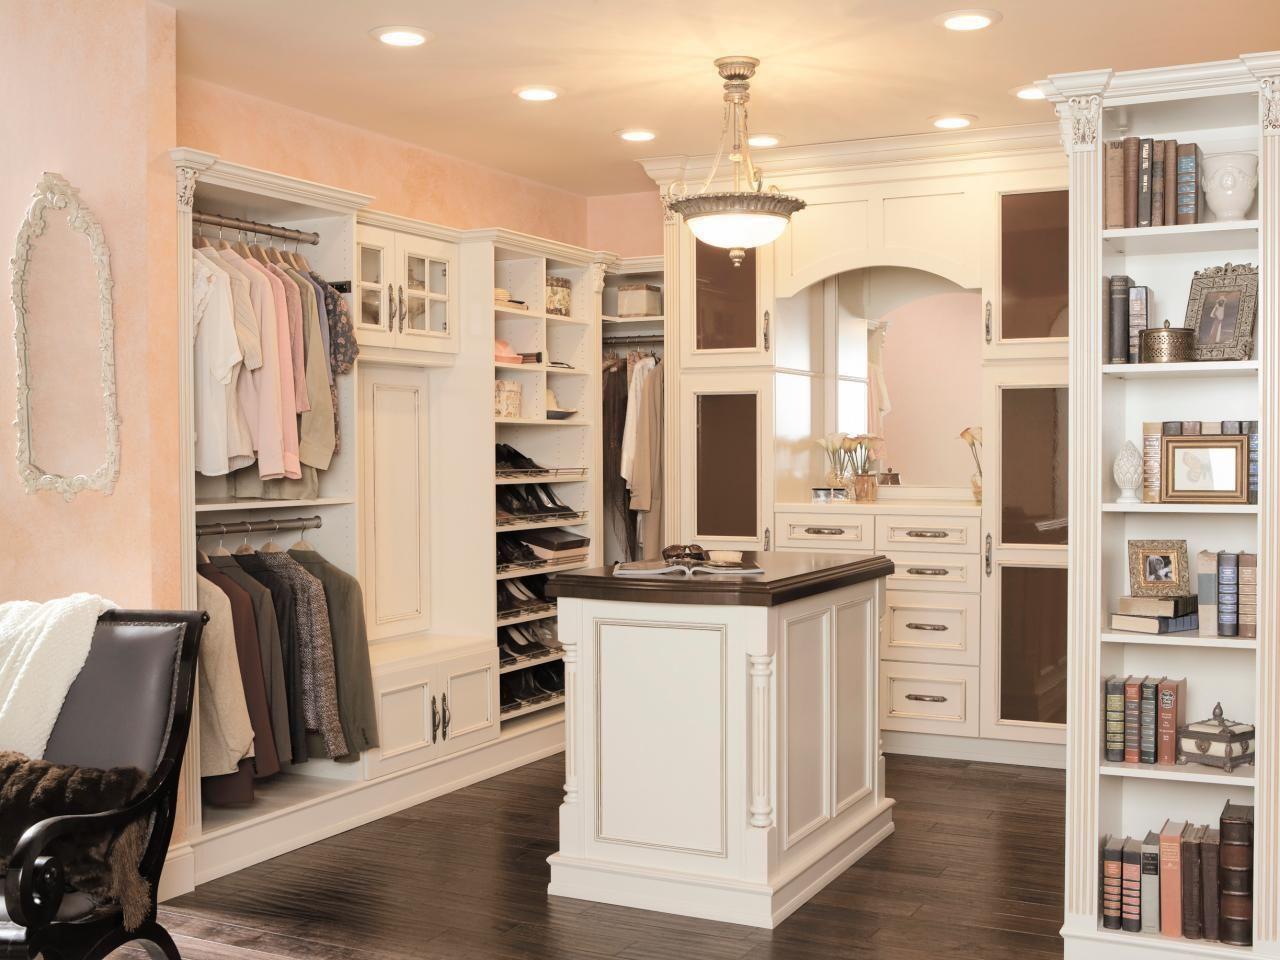 Spaziergang Im Schrank Designs Für Ein Schlafzimmer #Badezimmer #Büromöbel  #Couchtisch #Deko Ideen